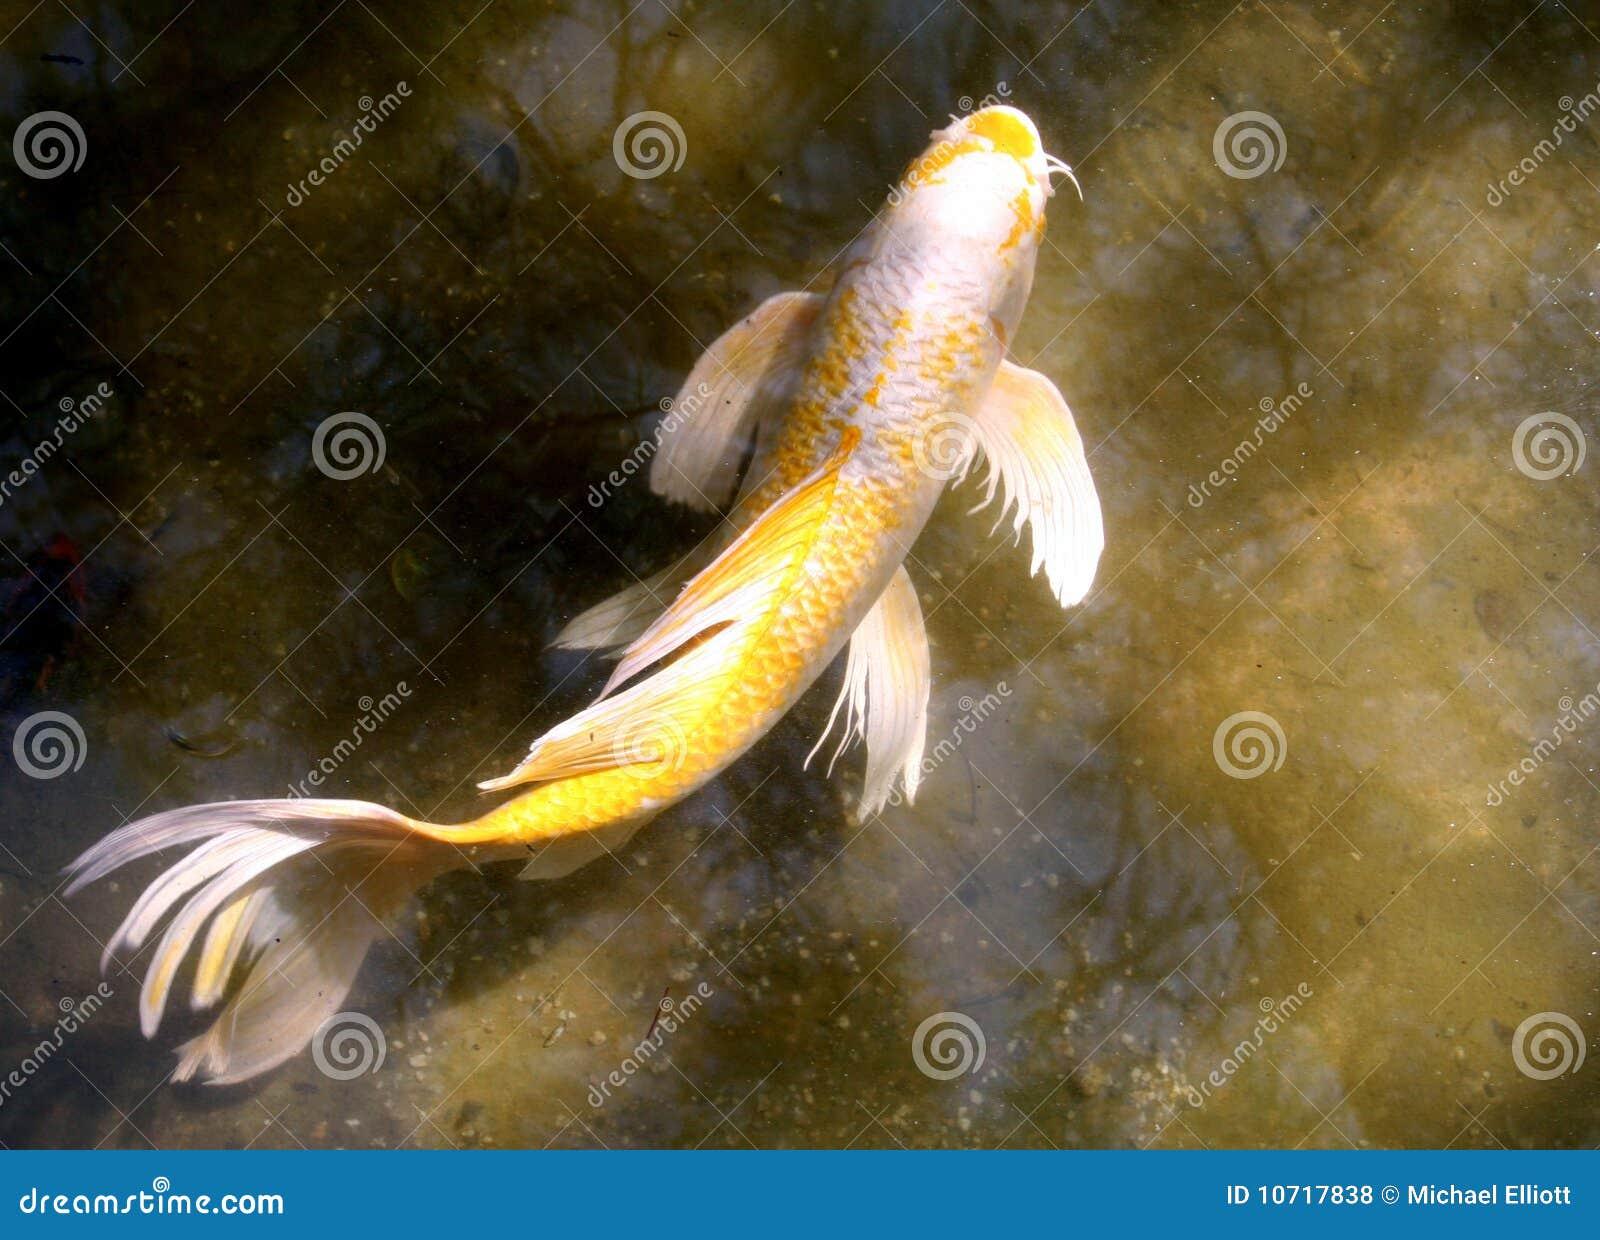 Koi fish royalty free stock photos image 10717838 for Koi fish tail